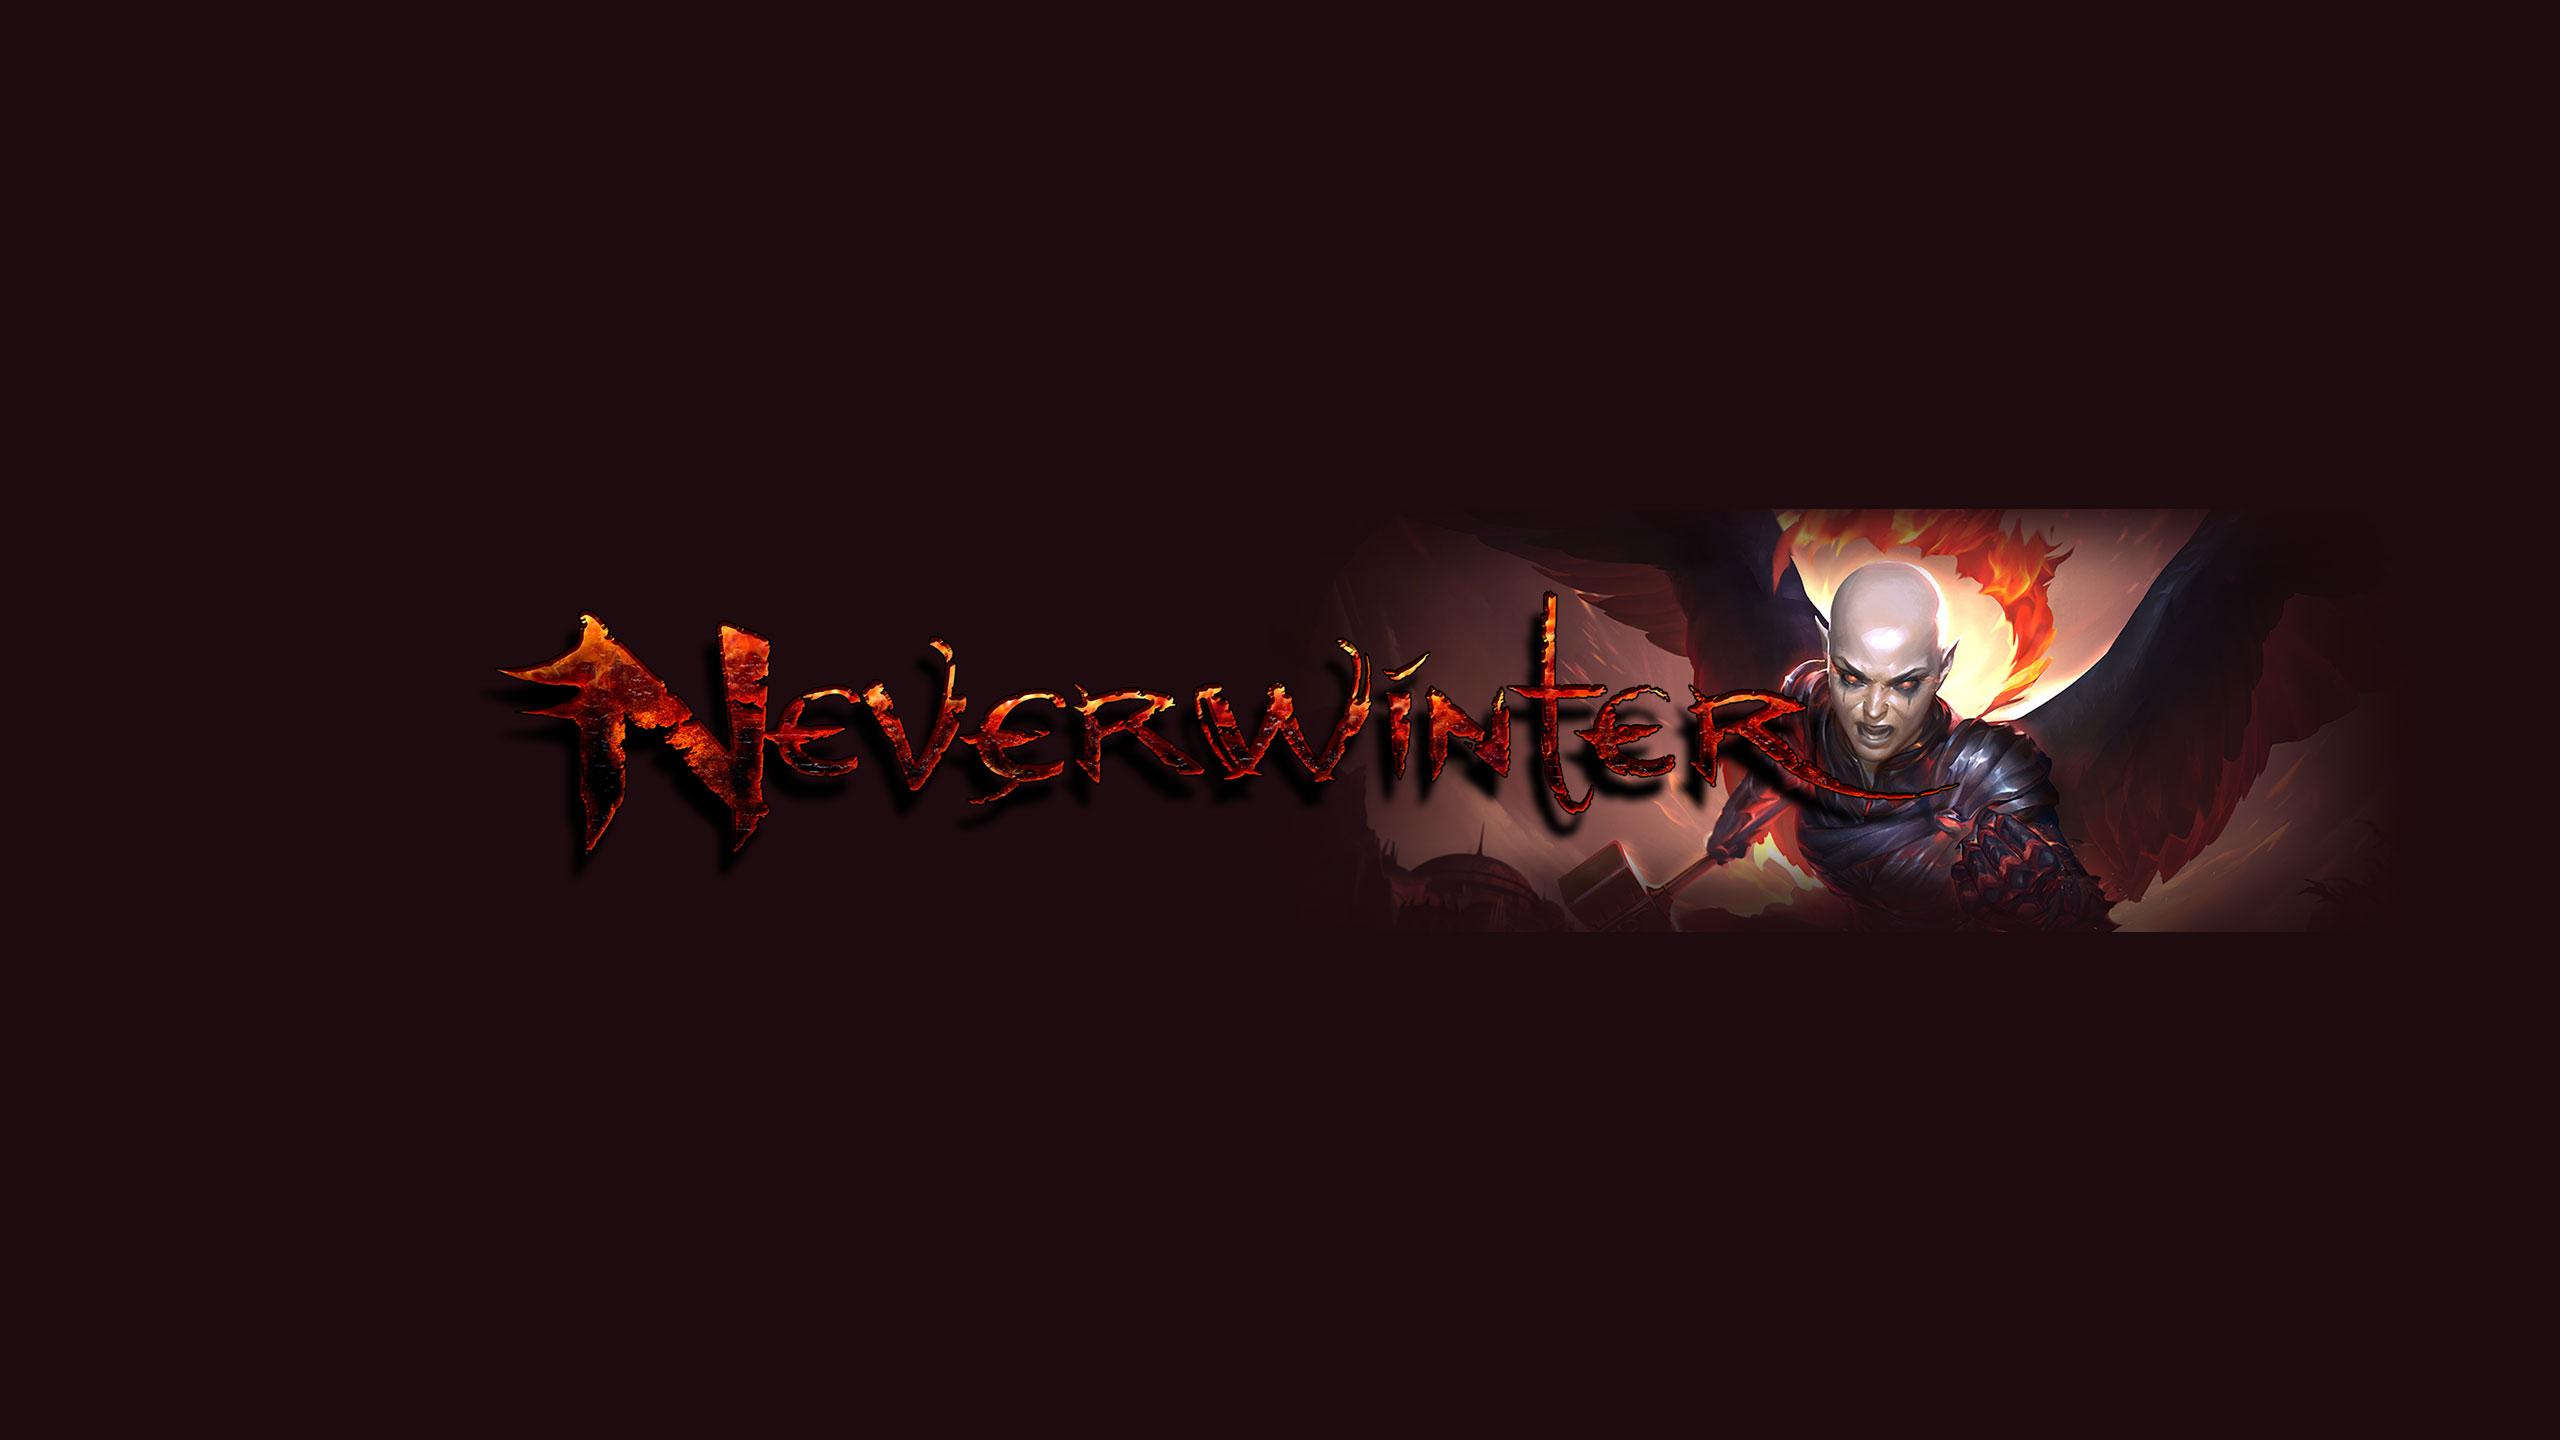 Тёмная обложка для канала ютуб с персонажем компьютерной игры Neverwinter.